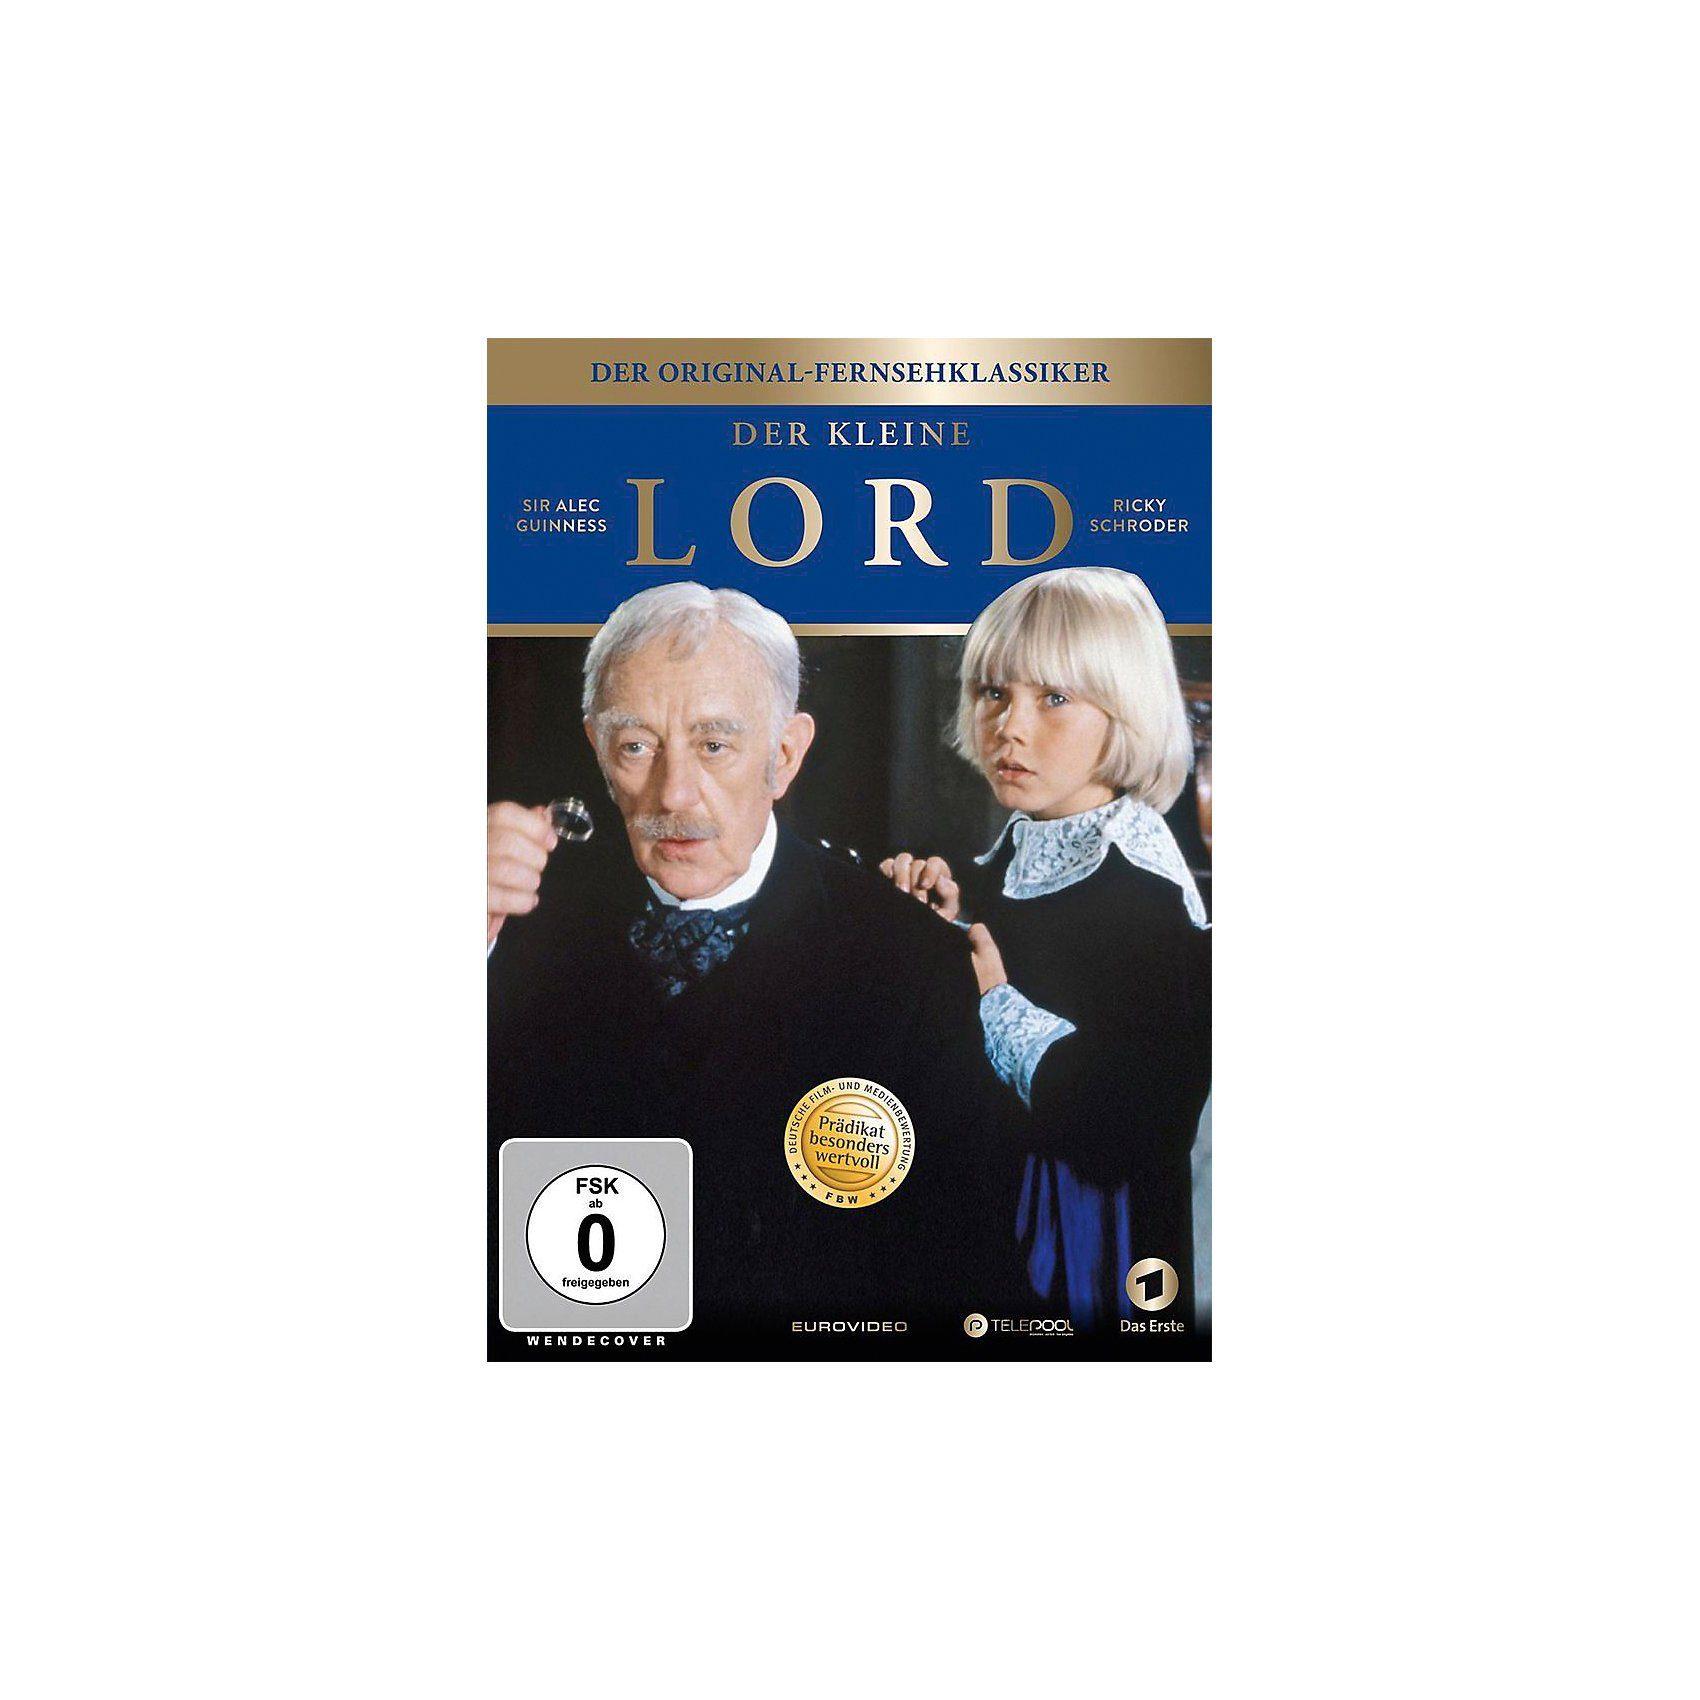 DVD Der kleine Lord